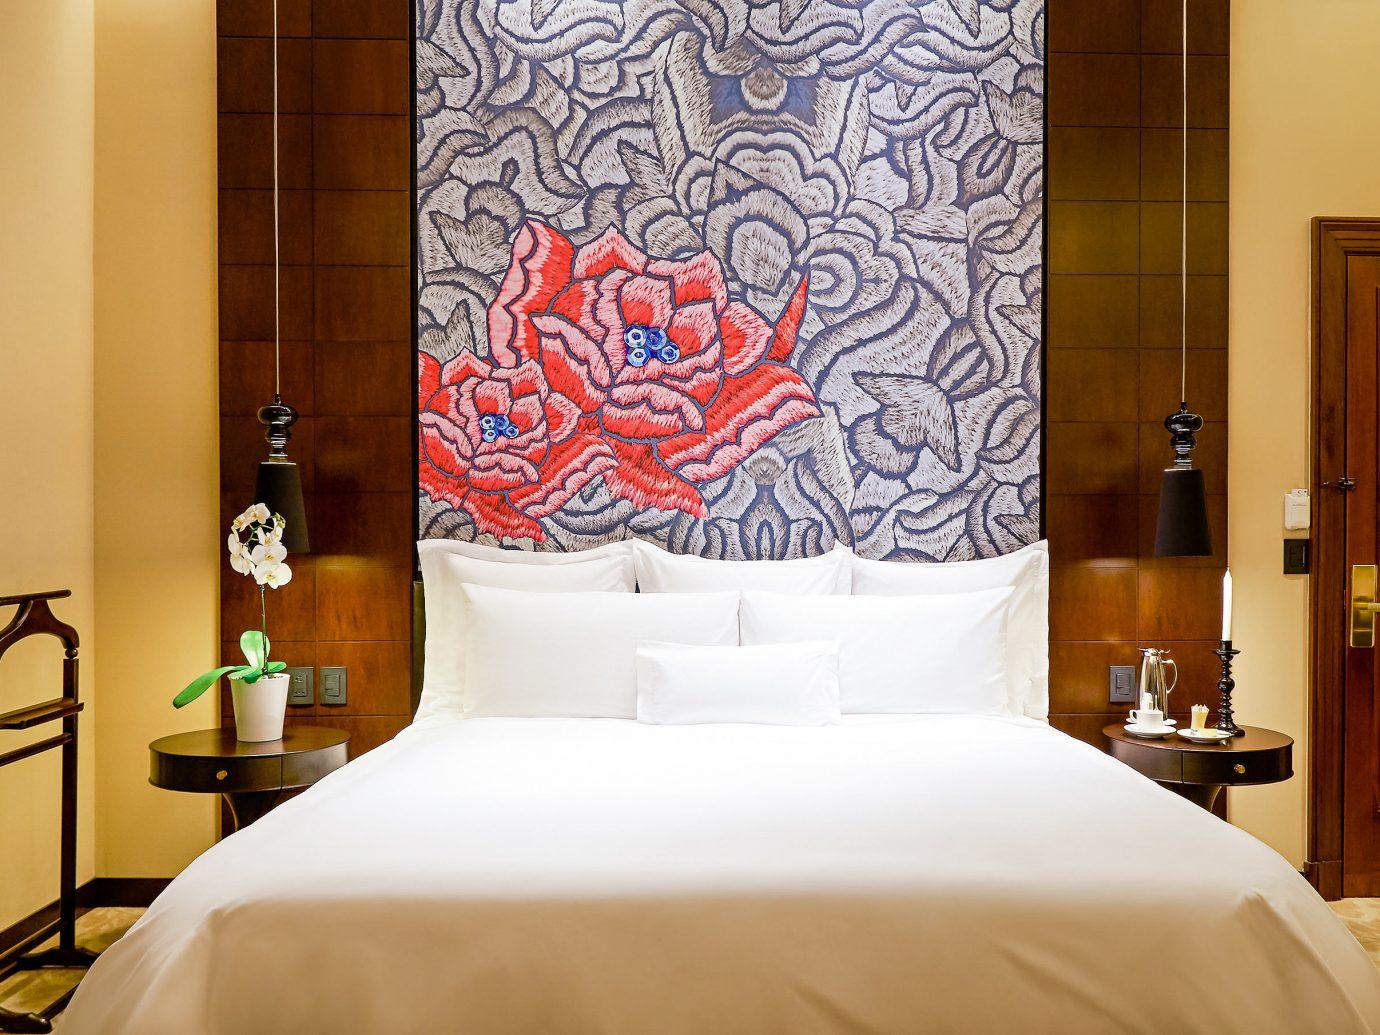 Boutique Hotels Hotels wall bed indoor room Suite interior design Bedroom bed frame bed sheet hotel flooring